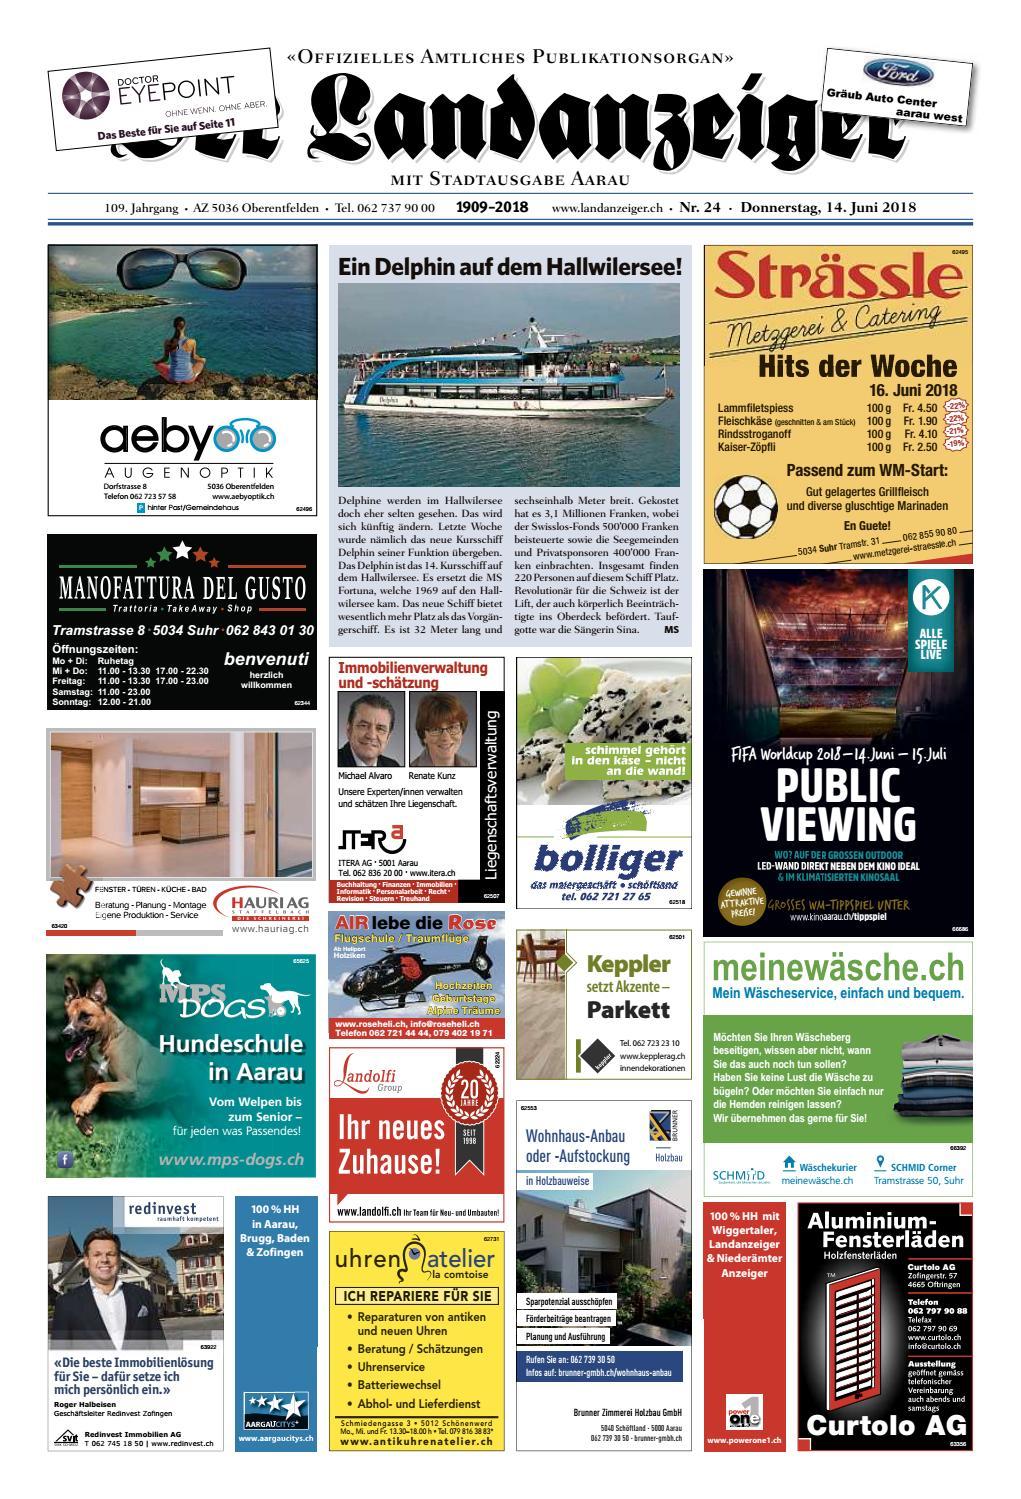 Der Landanzeiger 2418 by ZT Medien AG issuu